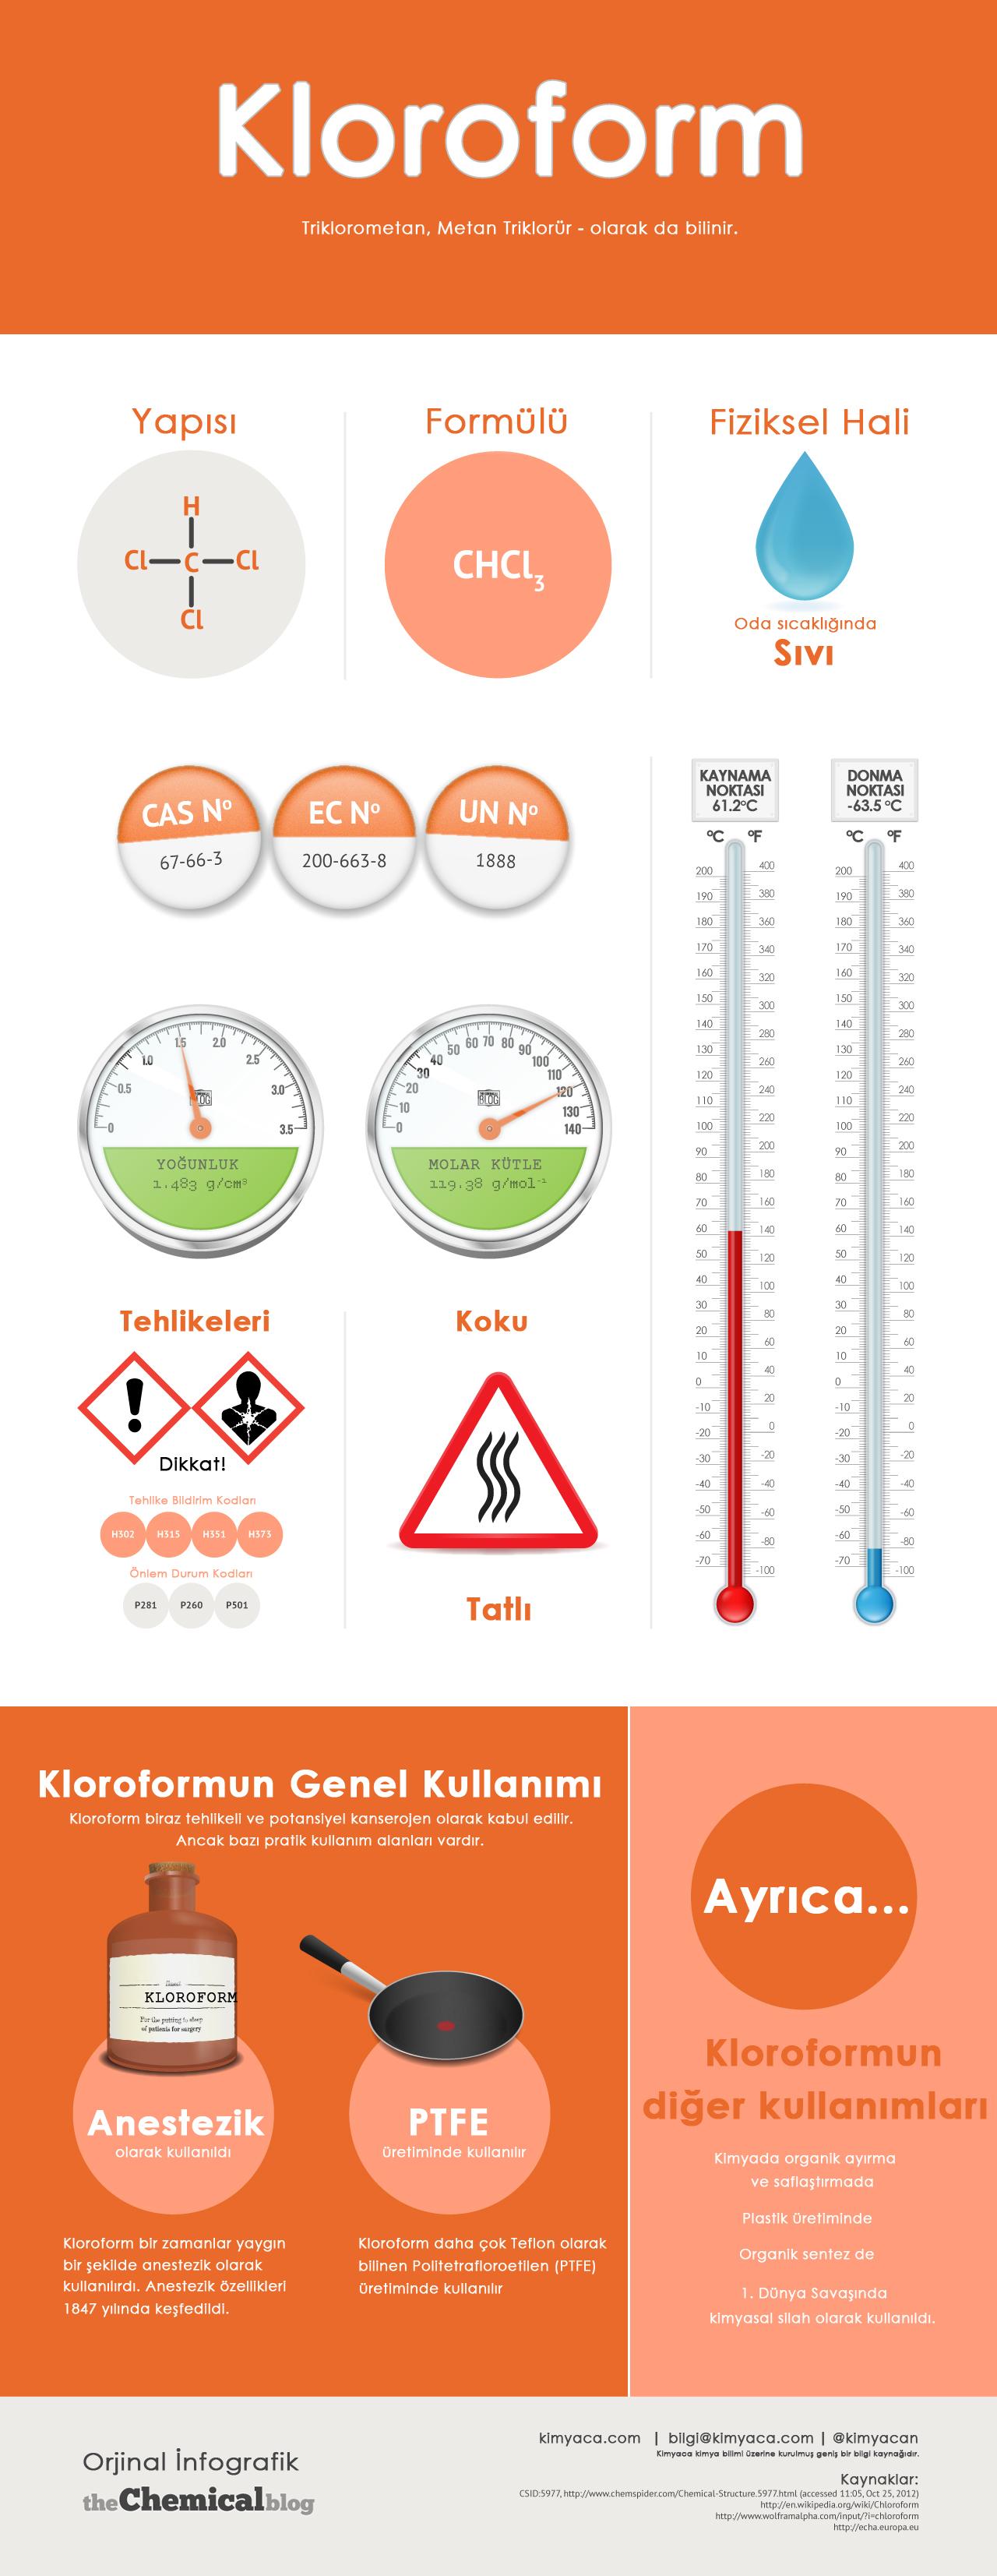 Kloroform infografik